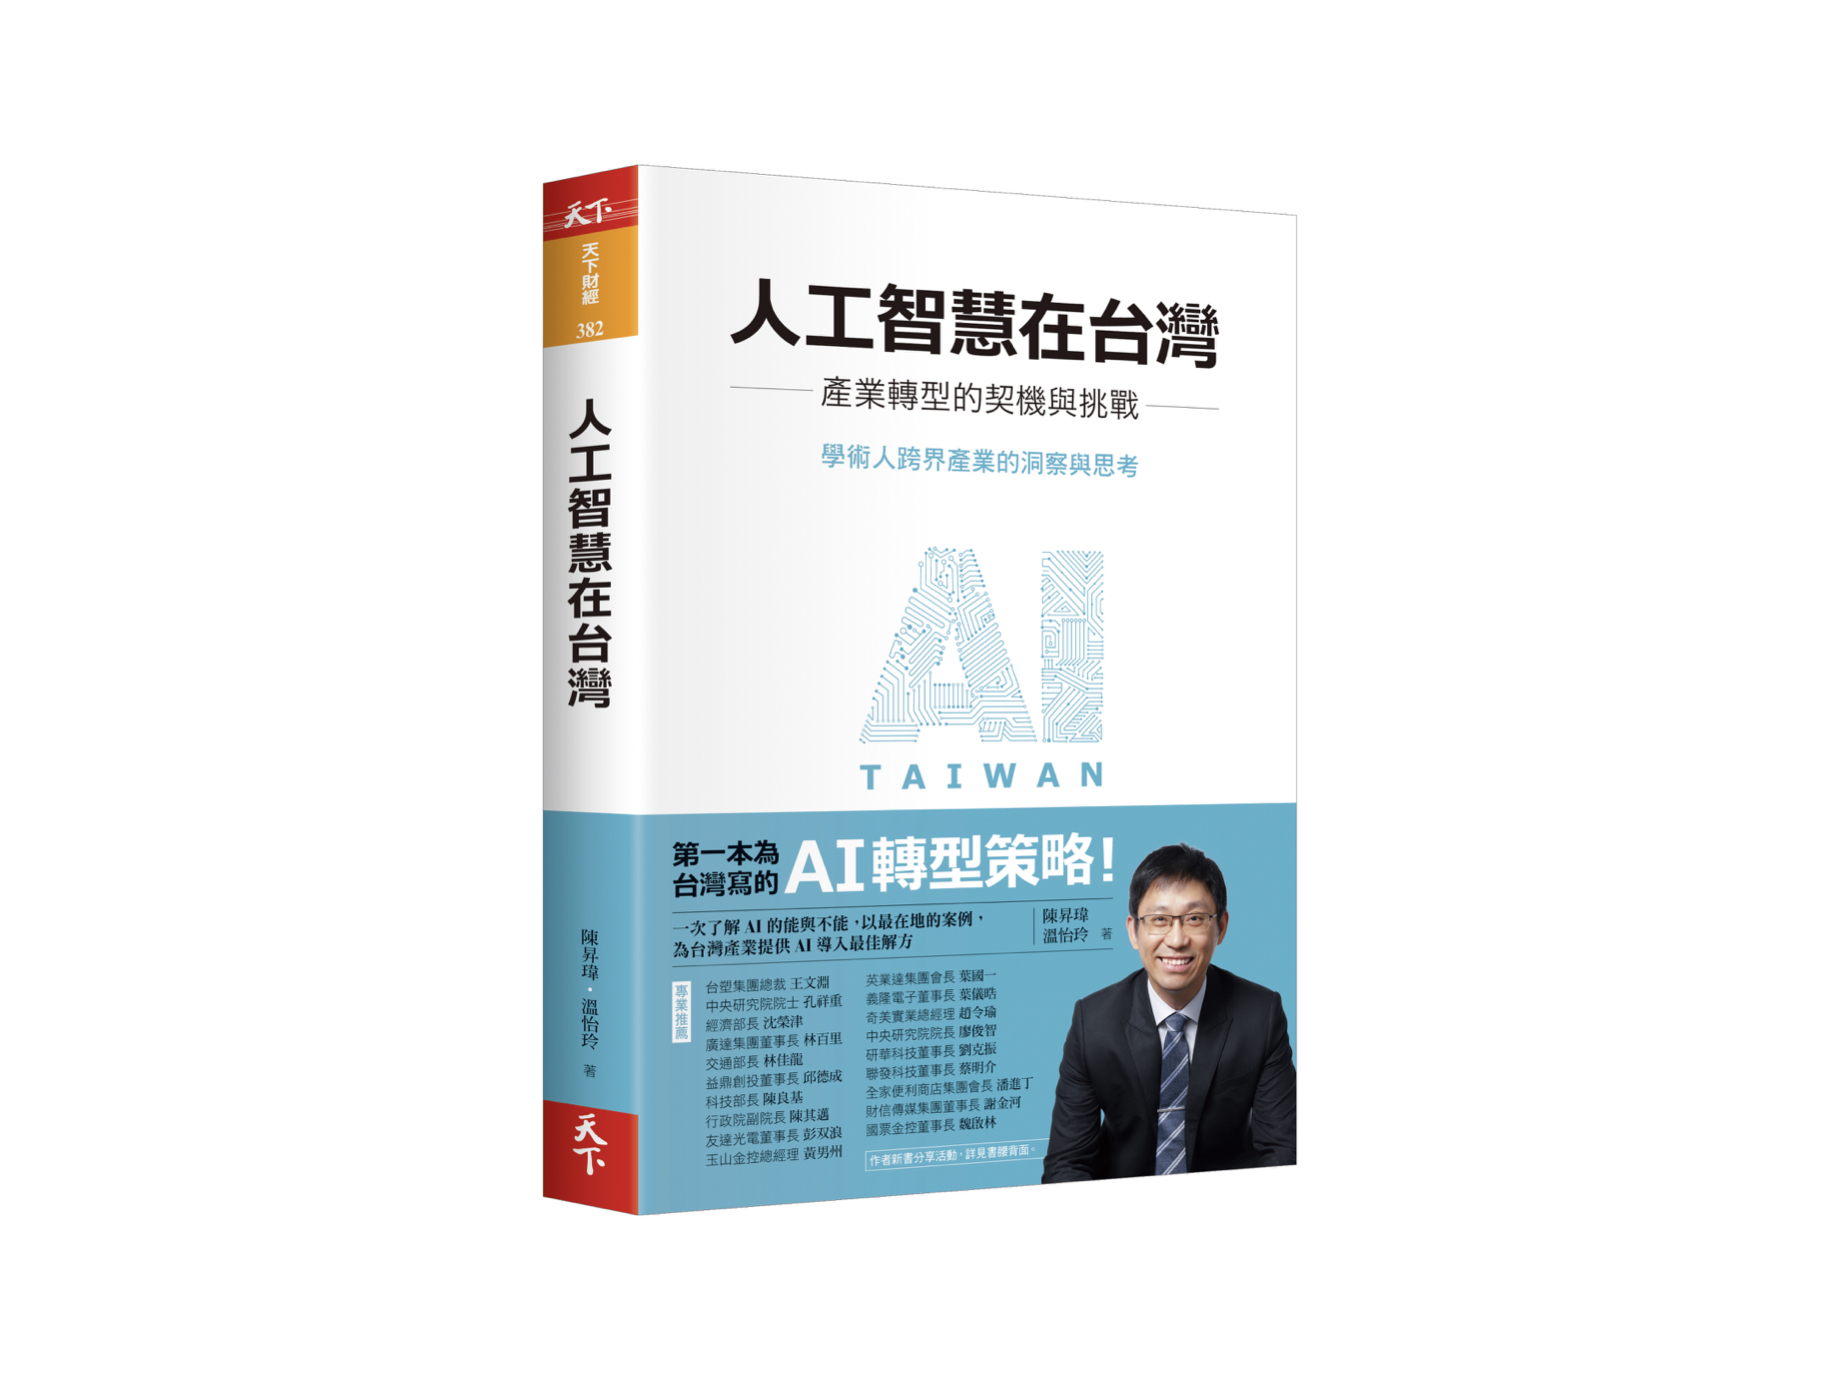 新書搶先看》人工智慧浪潮來襲,成為AI浪潮中的領先者!